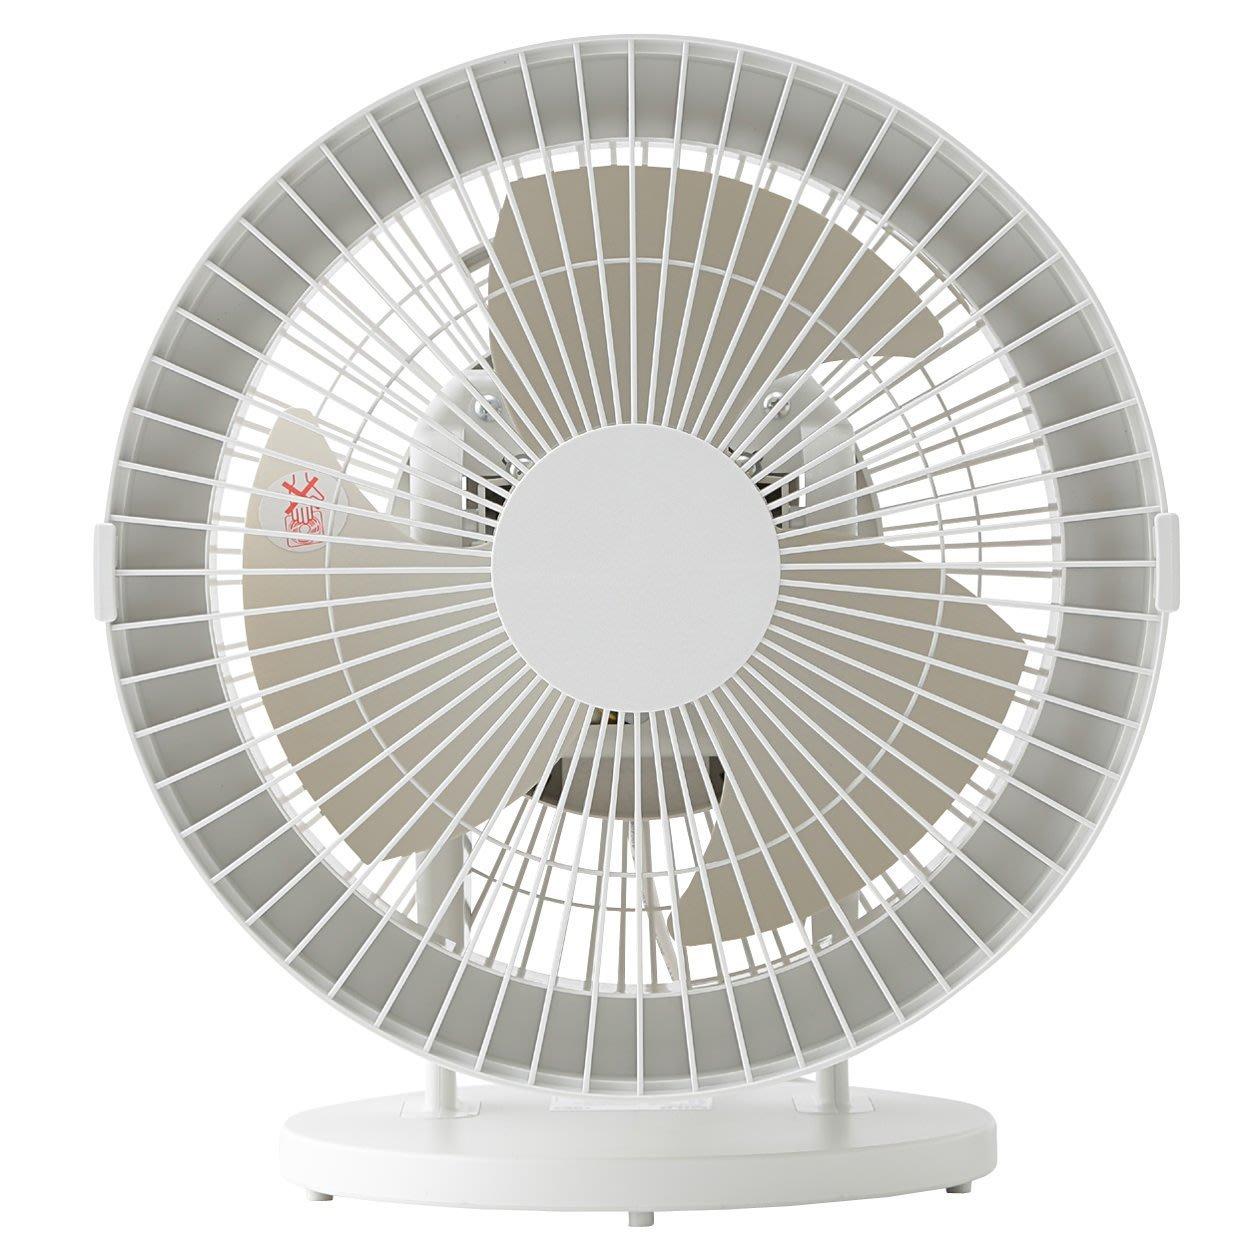 【優上3C】 無印良品 MUJI 空氣循環風扇/低噪音風扇/大風量型 現貨免運